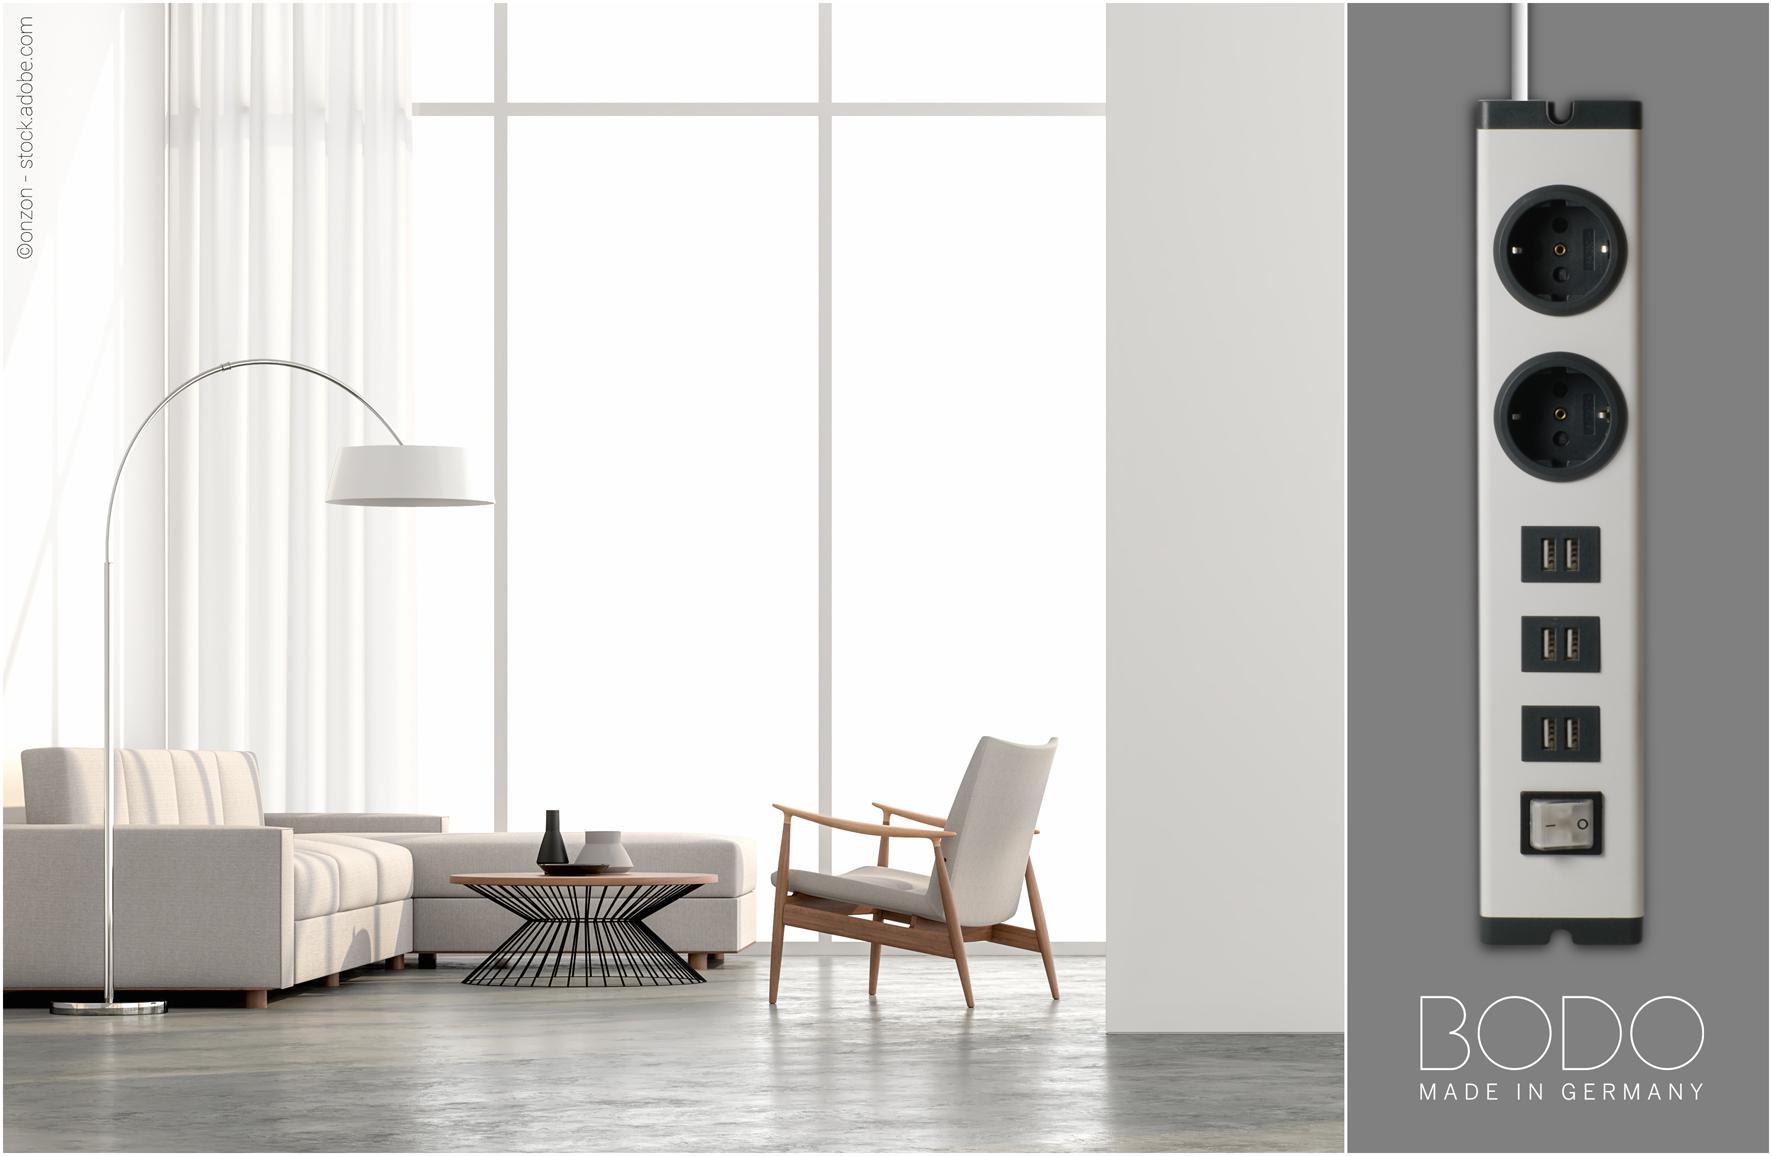 BODO - Design Steckdosenleiste soft white